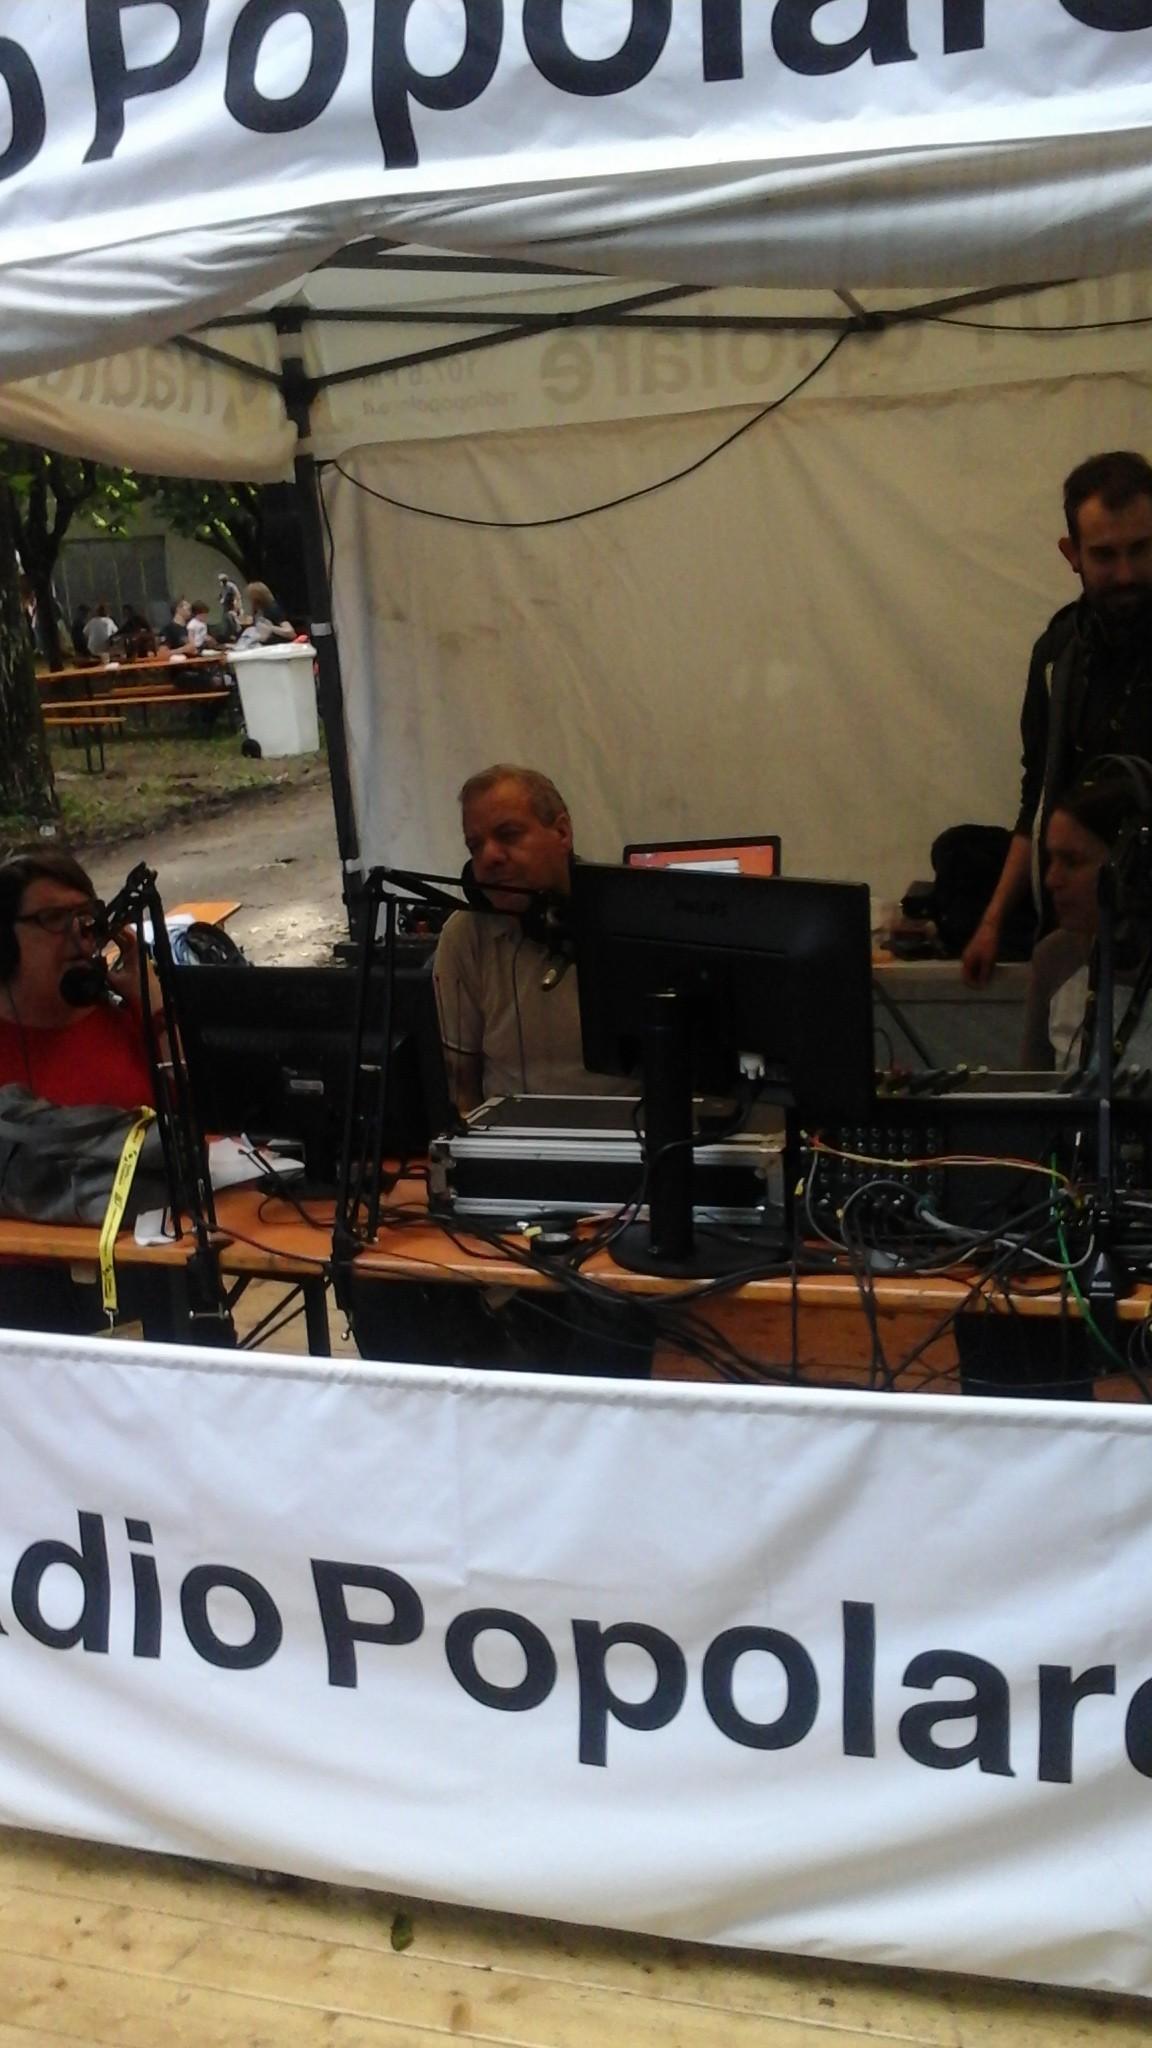 La postazione di Radio Popolare: Catiu Giarlanzani, Chawki Senouci e Lorenza Ghidini al microfono